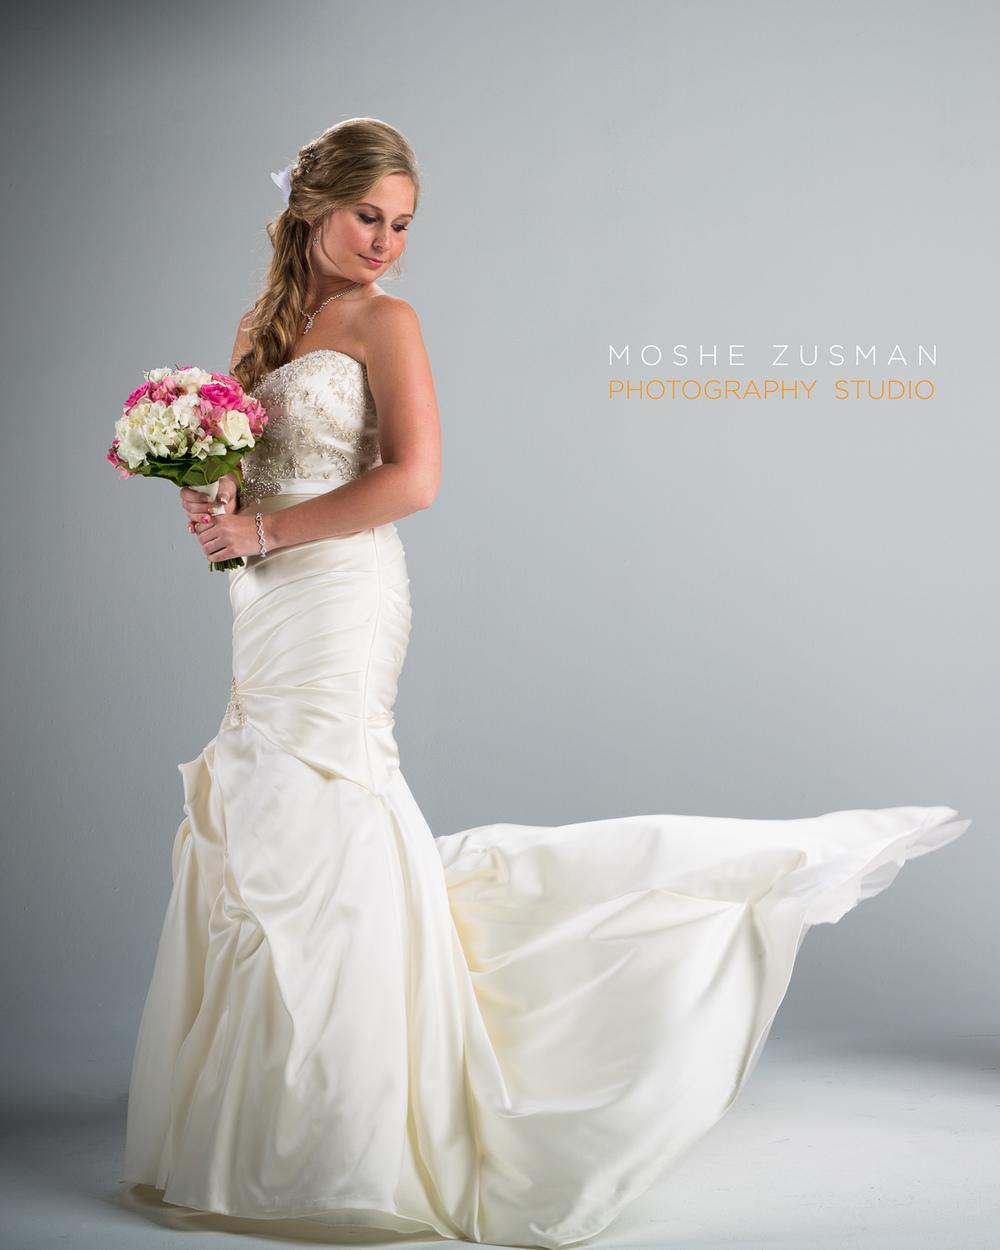 Moshe_Zusman_Wedding_Photography_Emily_Cameron_Eggly_Ohio-16.jpg